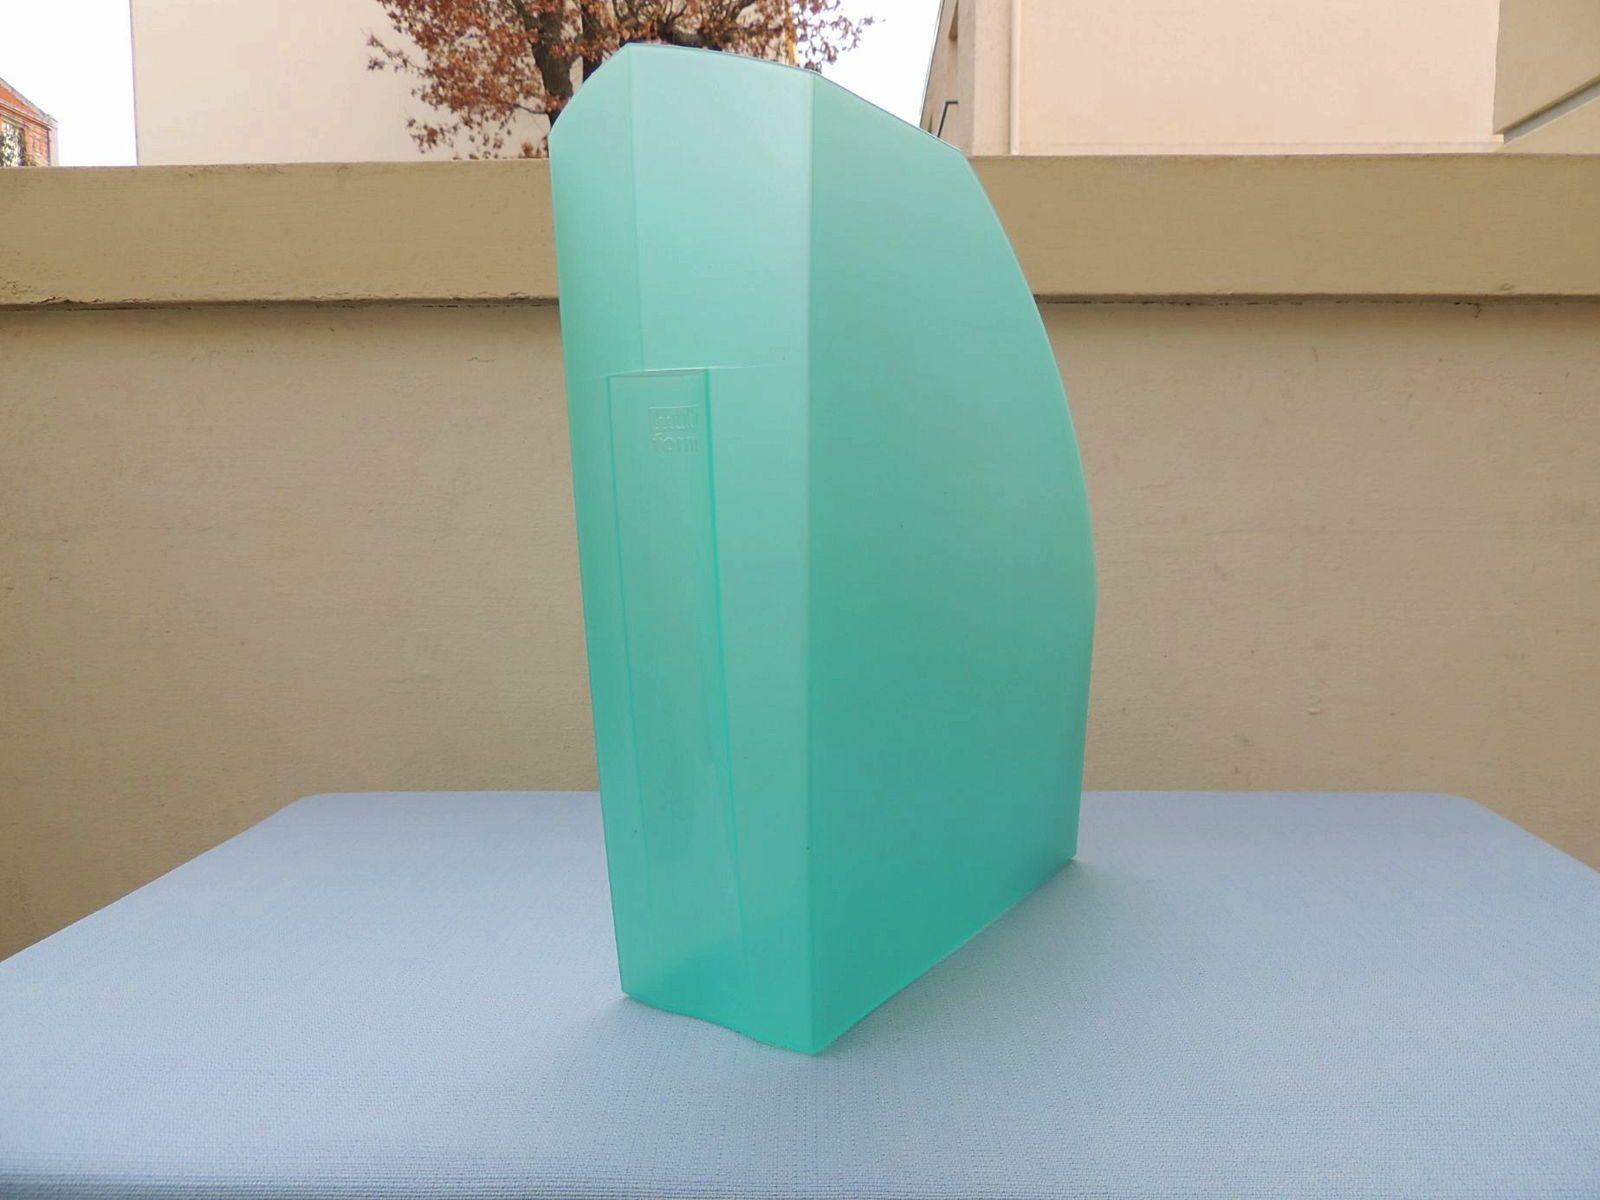 Fourniture bureau / Range revues en plastique vert d'eau - Bon état